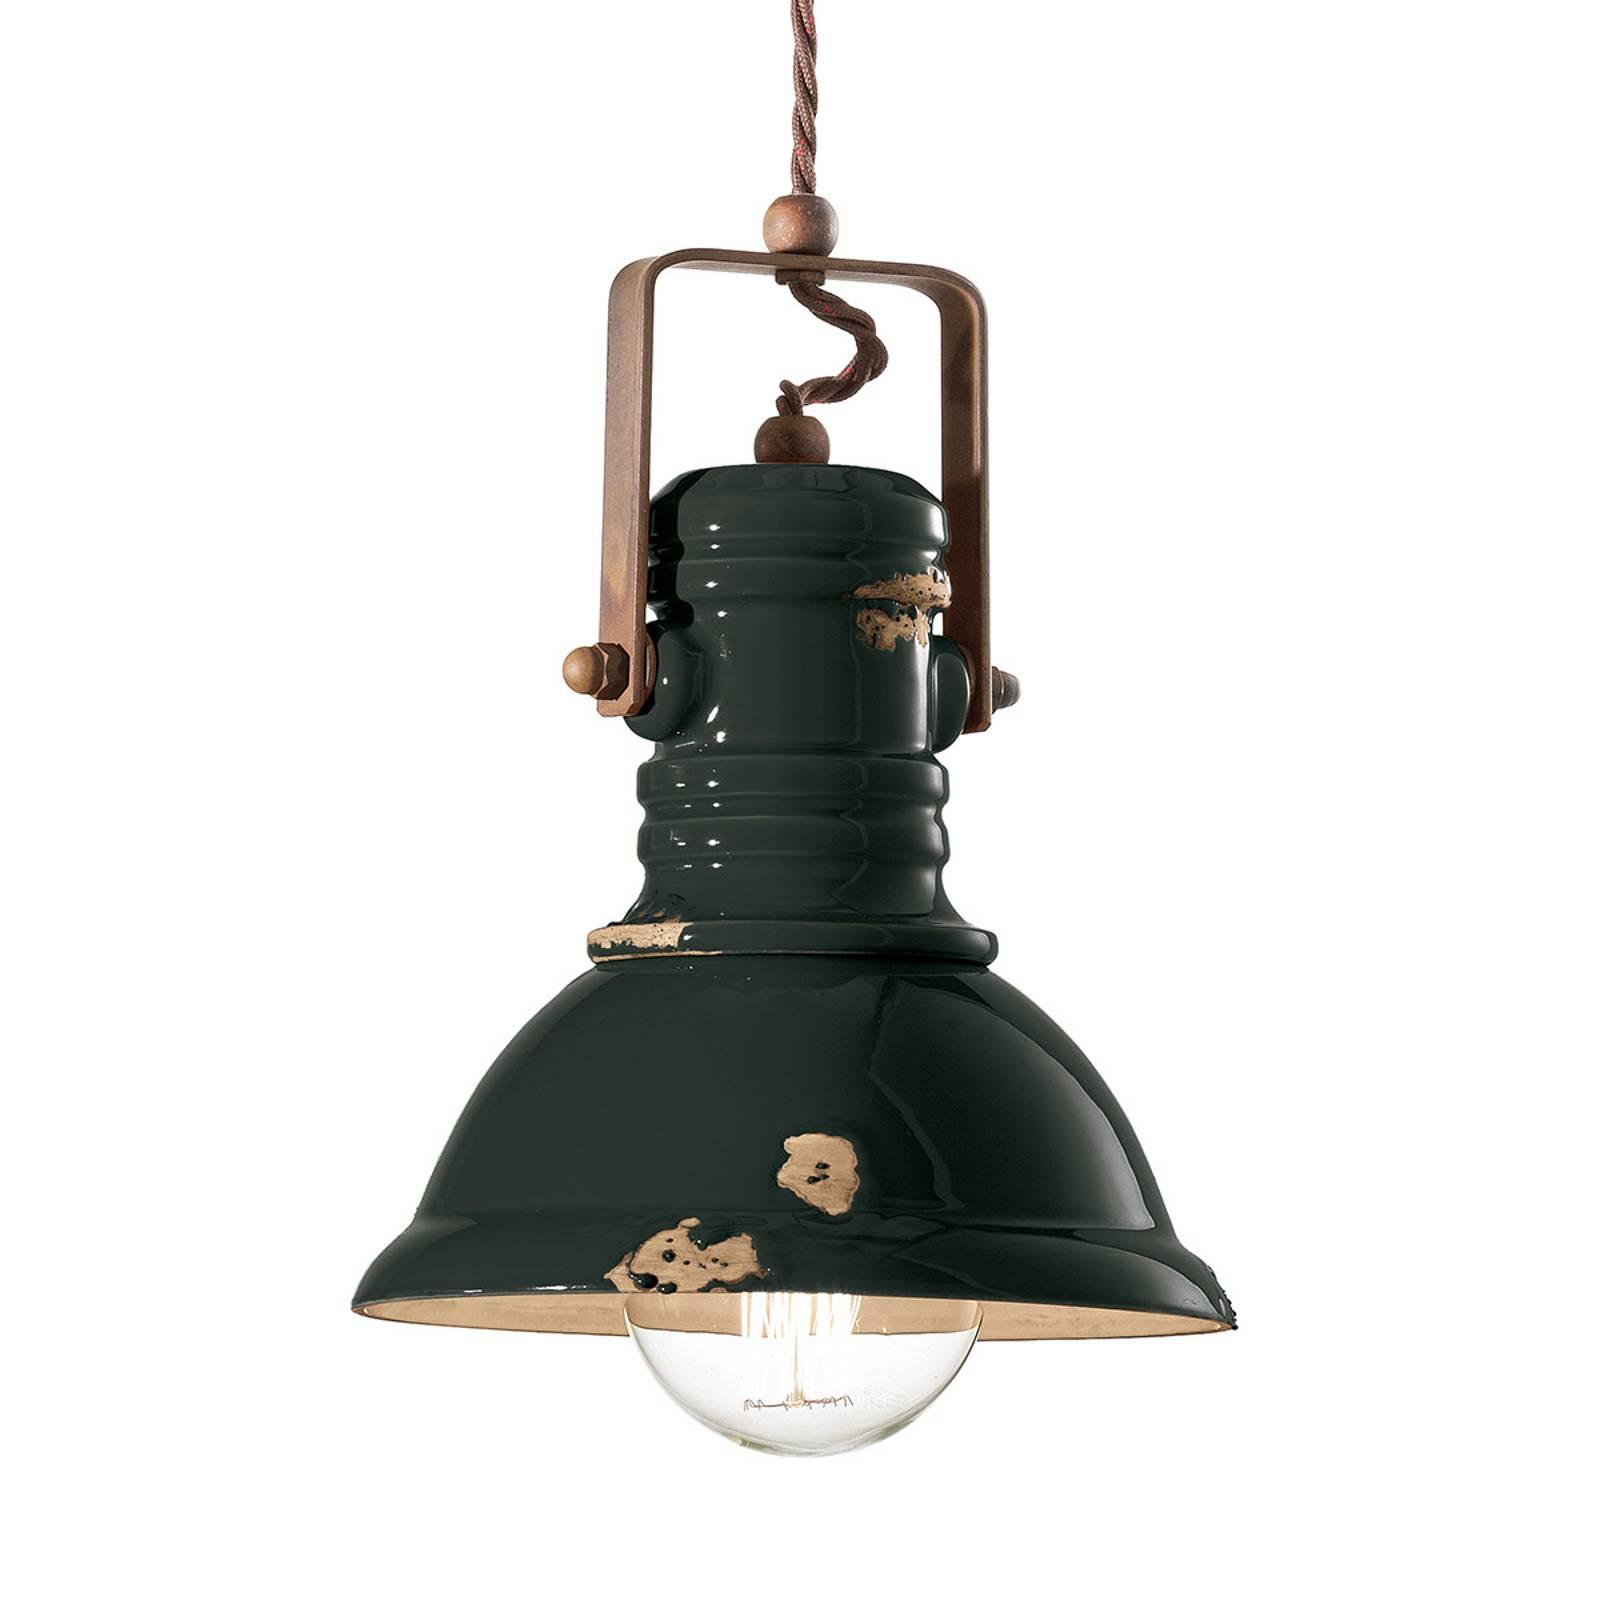 Hanglamp C1691 in industrieel design zwart